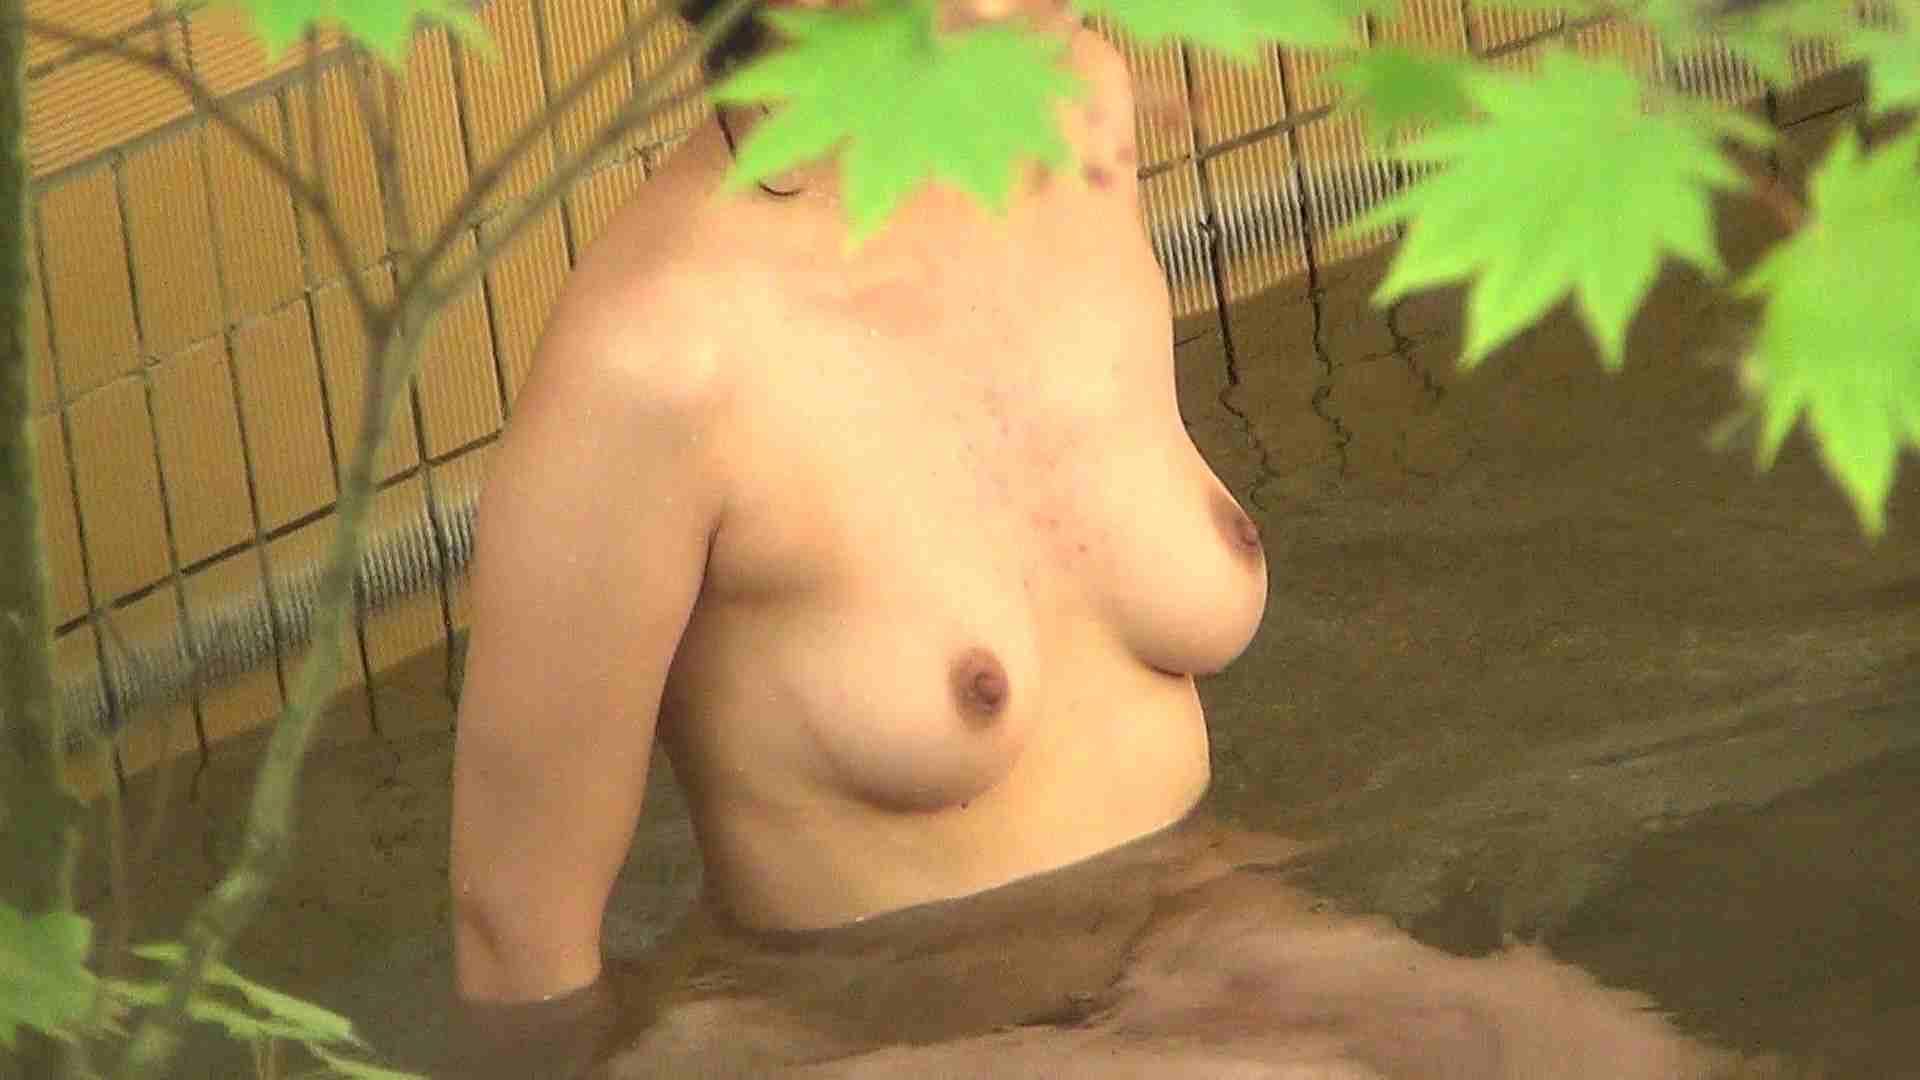 Aquaな露天風呂Vol.245 盗撮シリーズ  89PIX 30